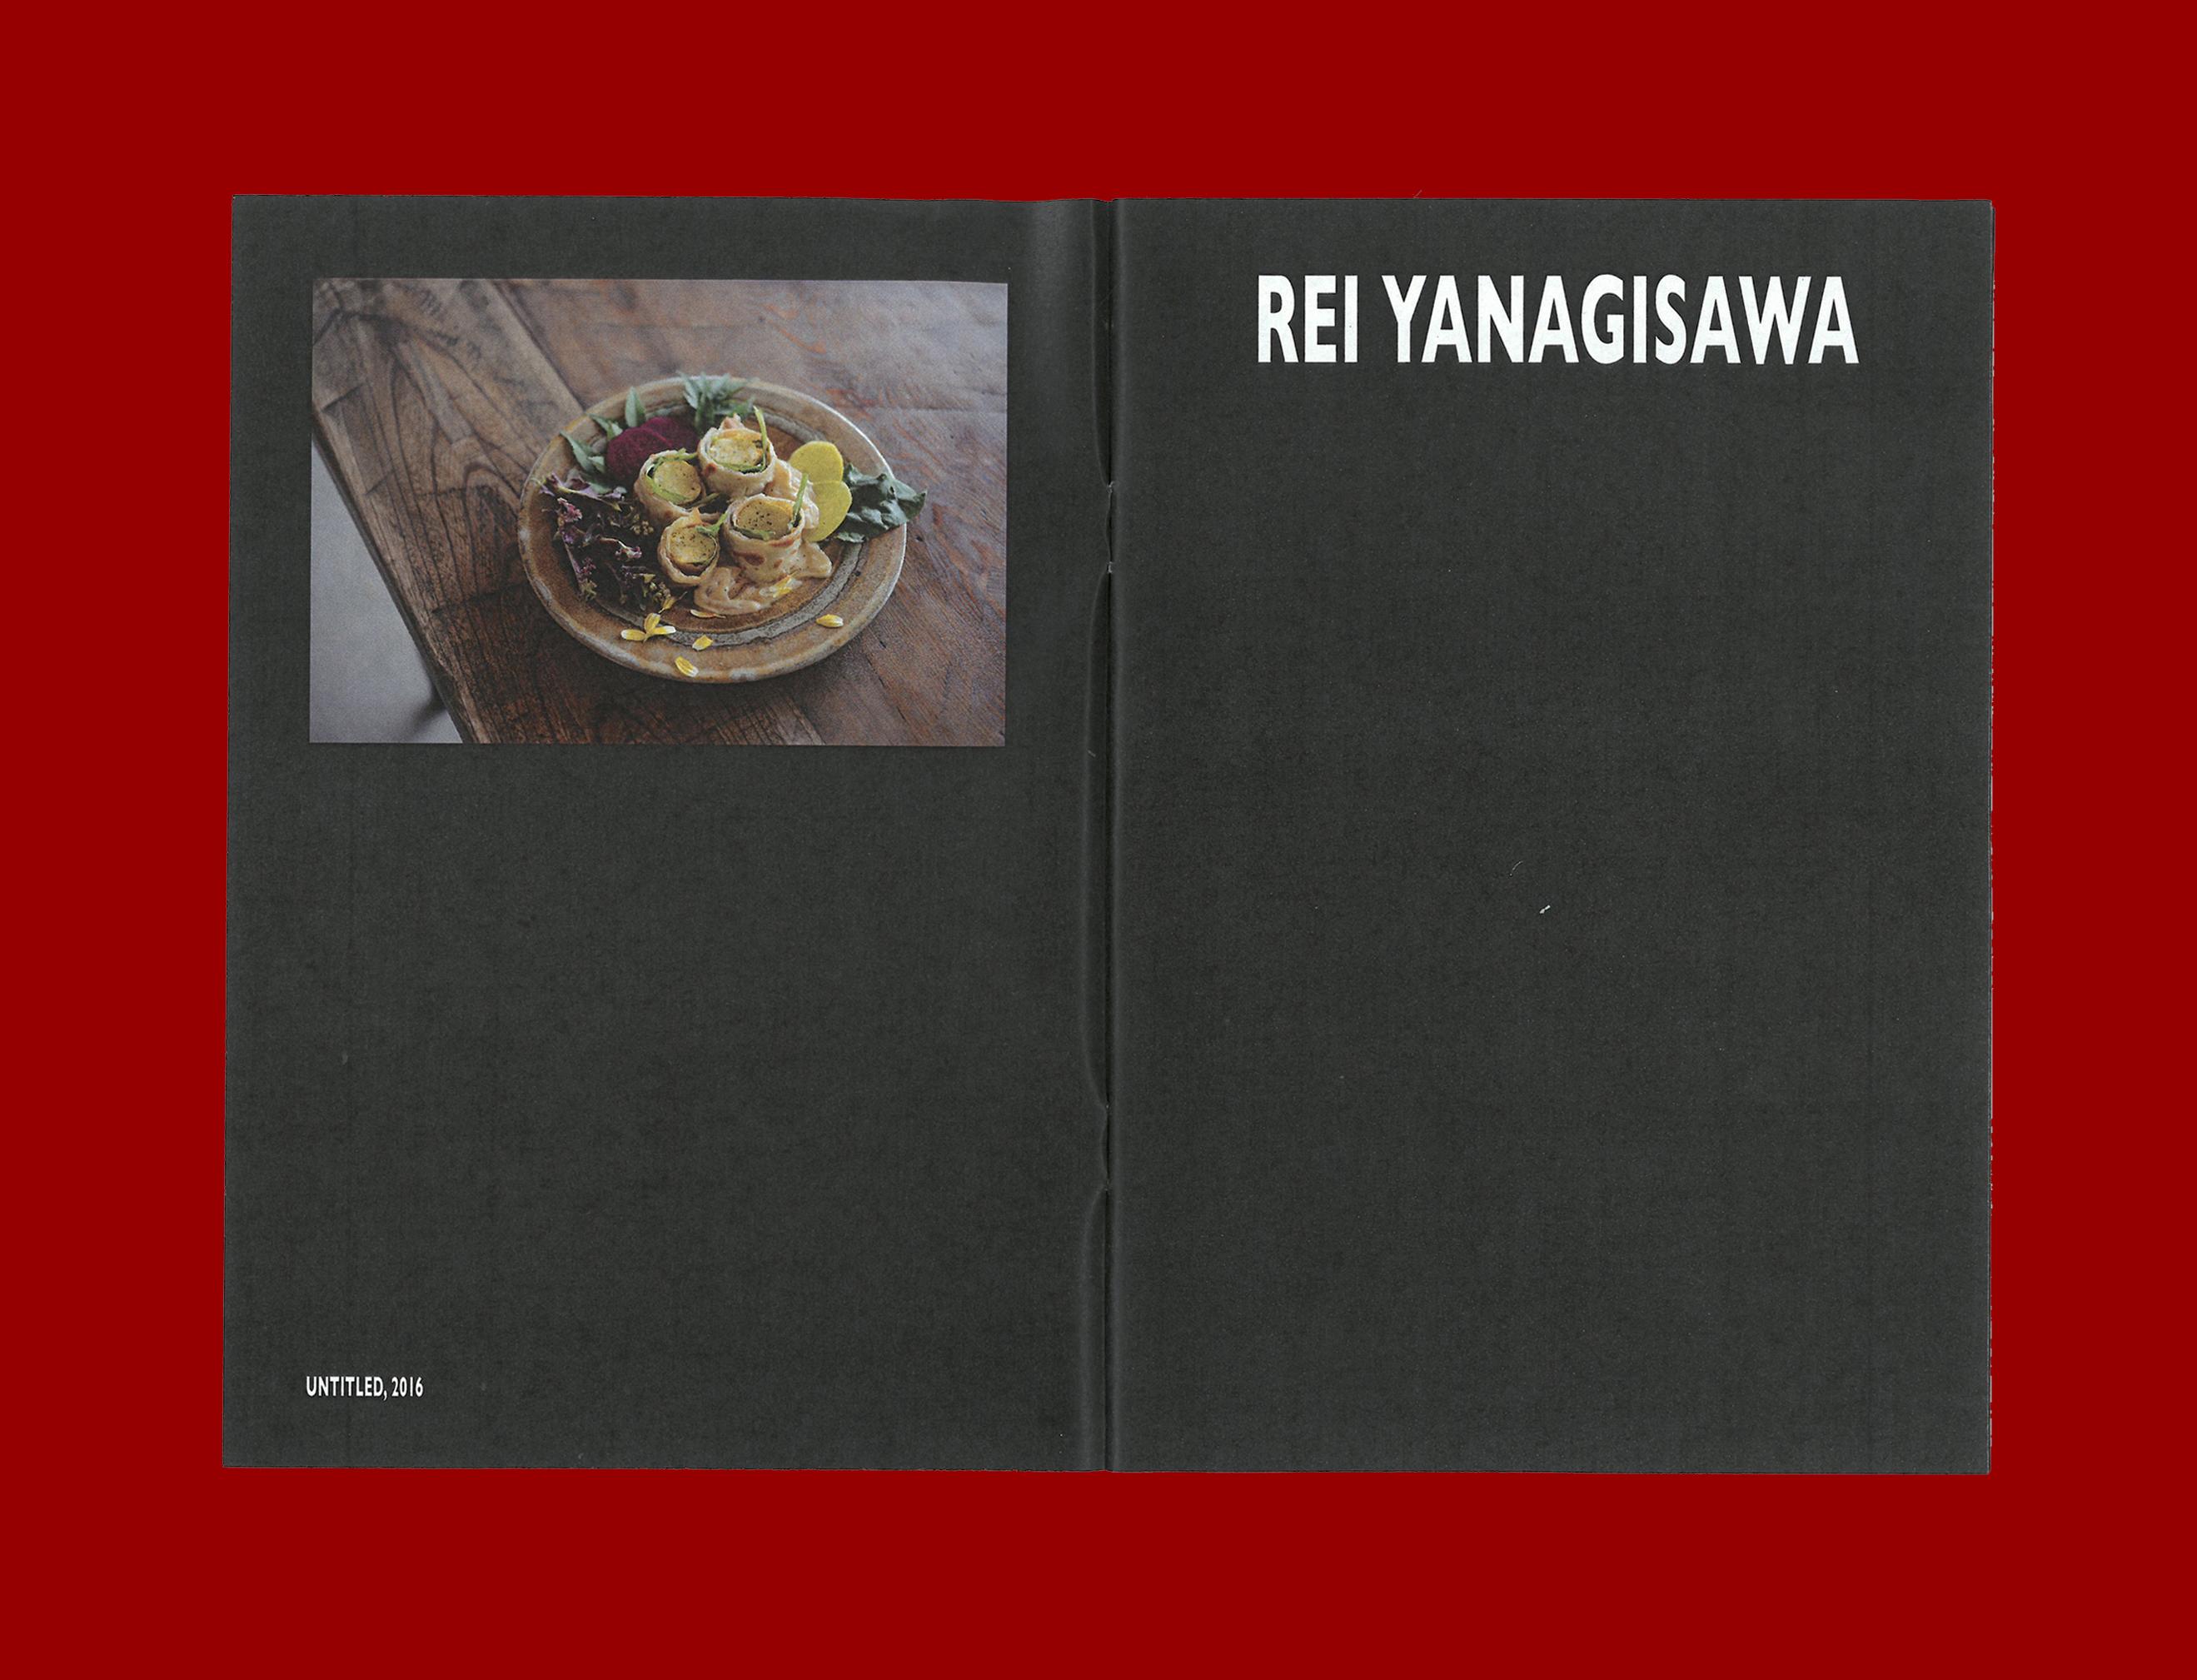 Printed Matter by Ron Wan. Fanzine: Breakfasttime, feautring Untitled 2016 by by Rei Yanagisawa